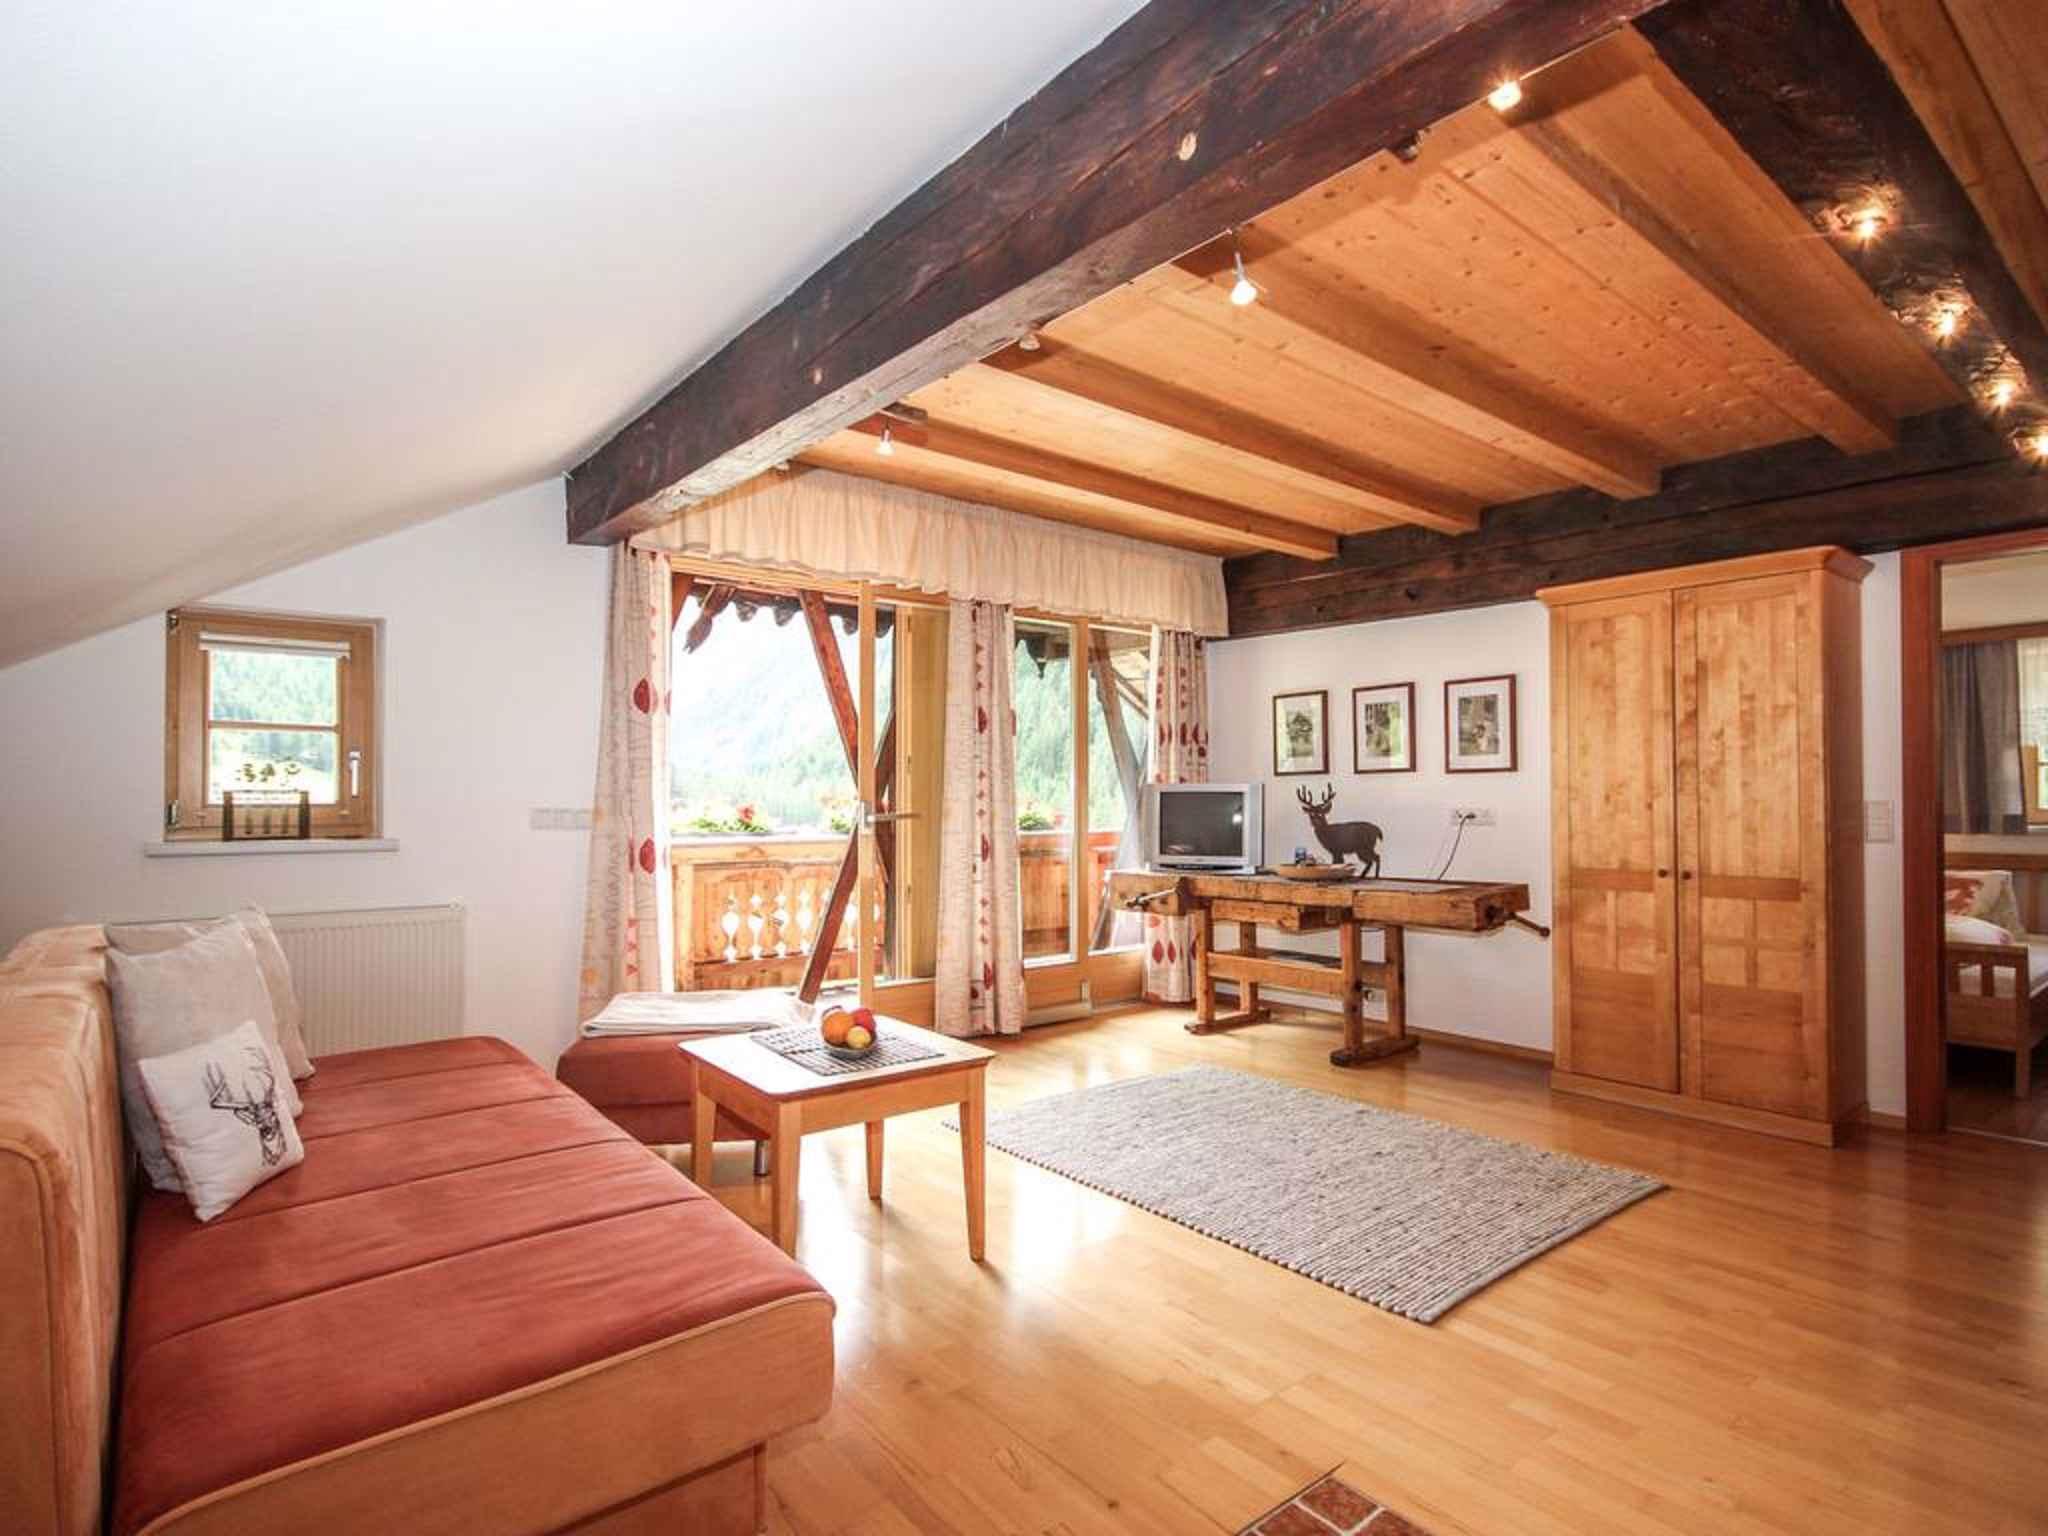 Ferienwohnung in einem über 300 Jahre alten Holzhaus (283707), Sölden (AT), Ötztal, Tirol, Österreich, Bild 20